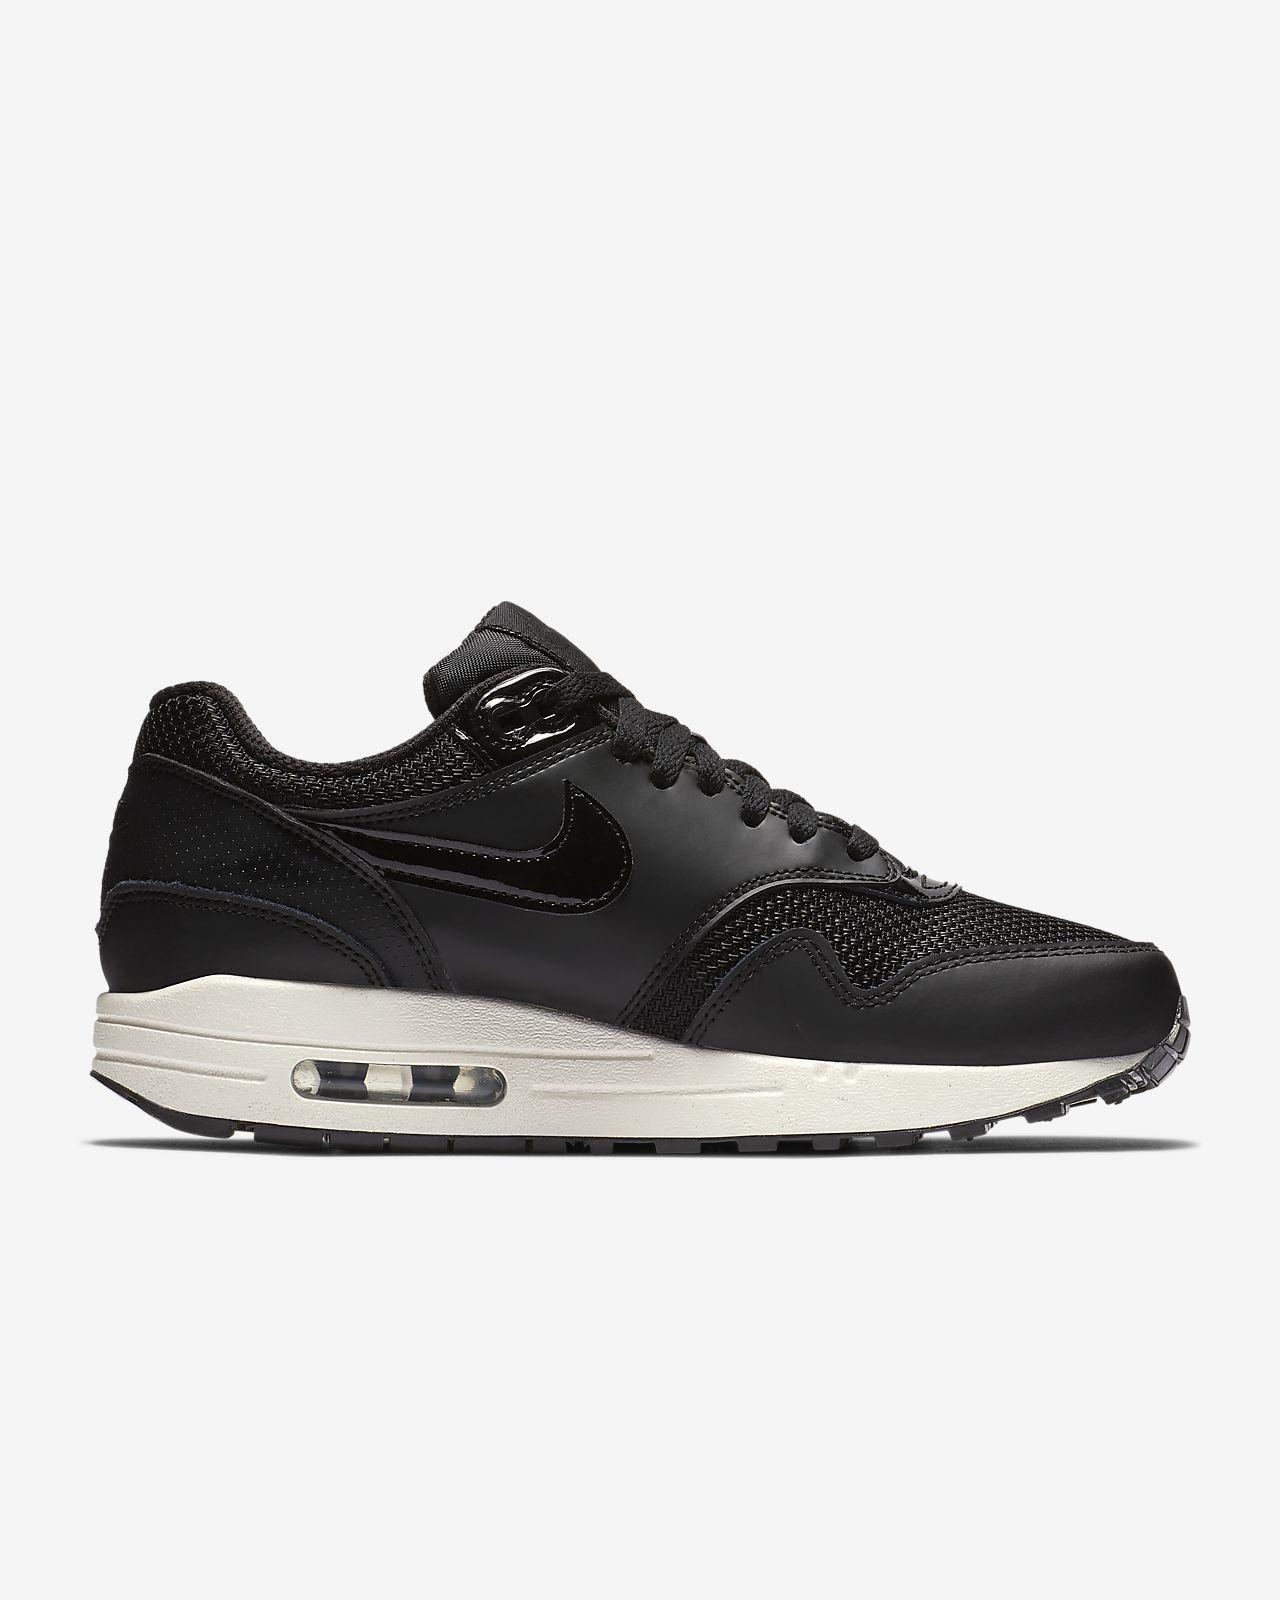 uk availability 0dd30 ad8d6 ... Sko Nike Air Max 1 för kvinnor